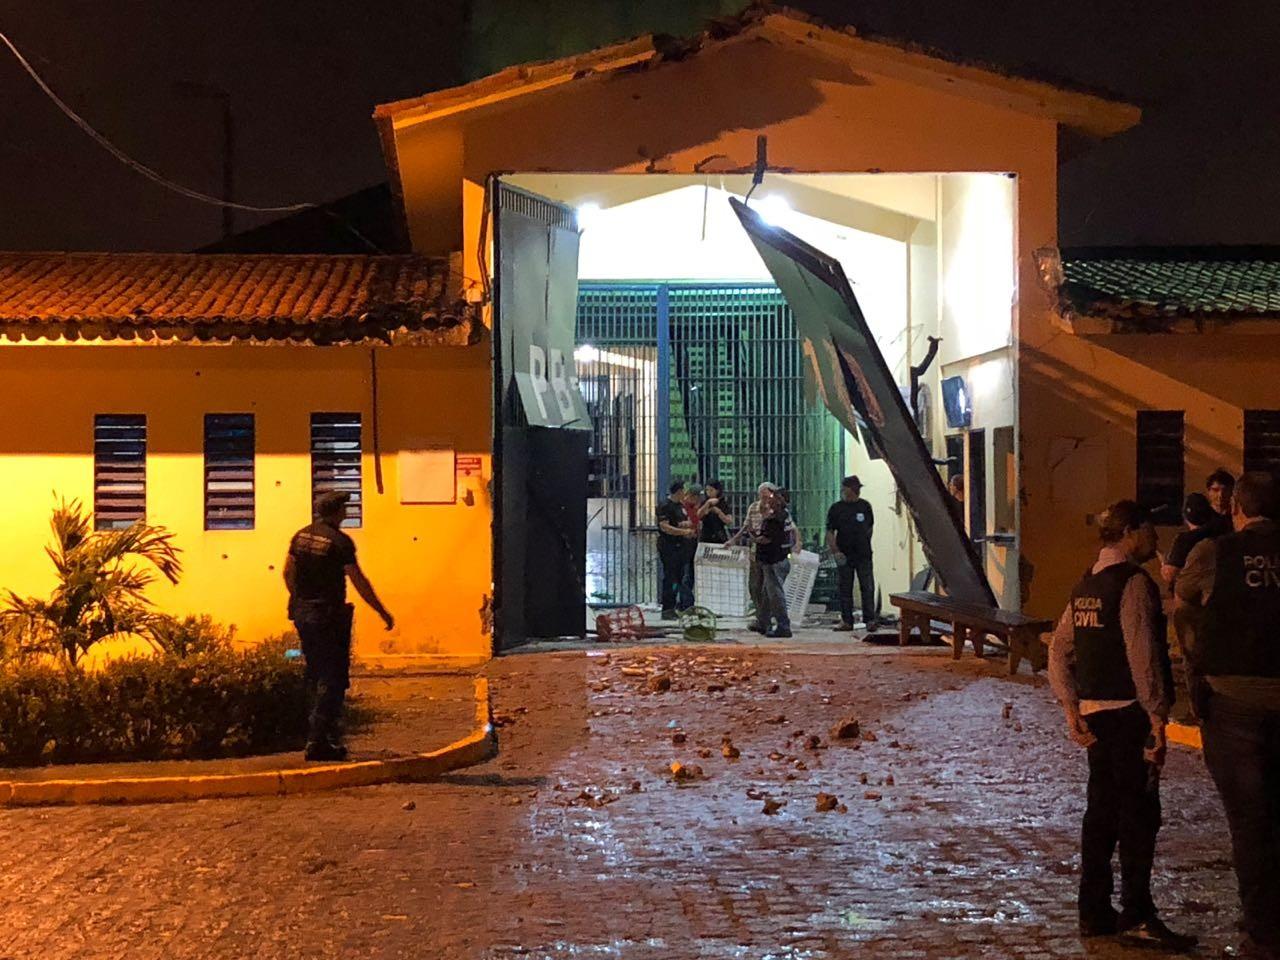 Visitas aos detentos são retomadas no presídio do PB1, em João Pessoa, após fuga em massa - Radio Evangelho Gospel